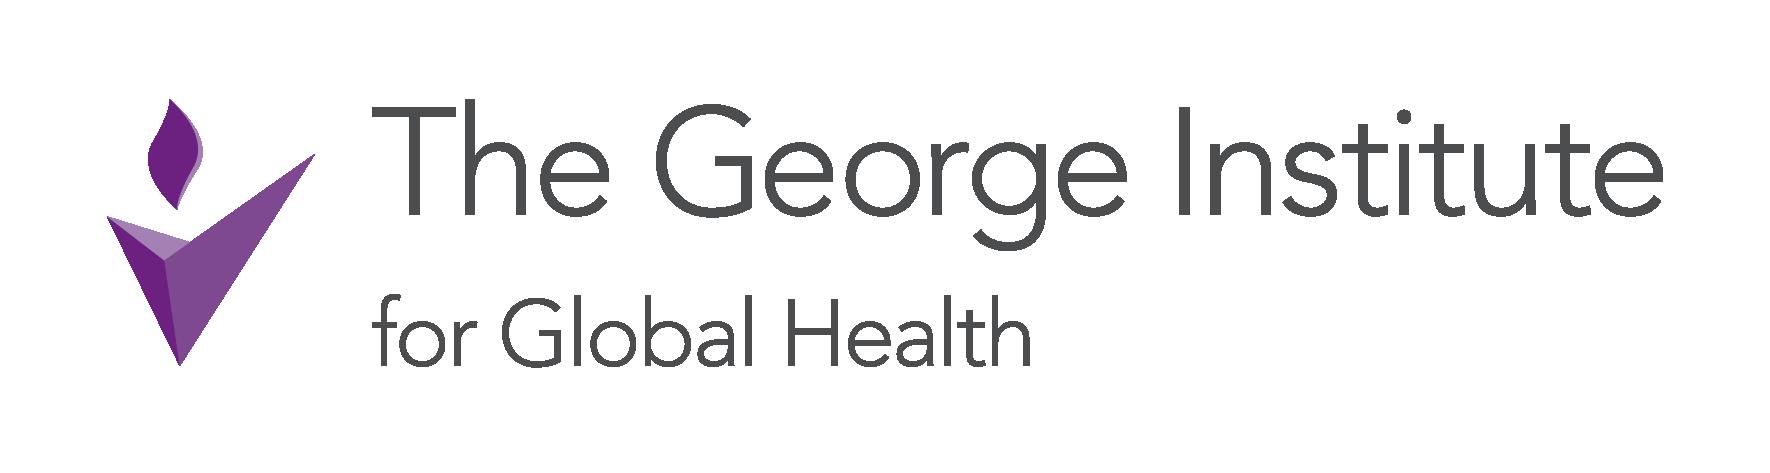 TGI transparent Logo 85K+2612.png